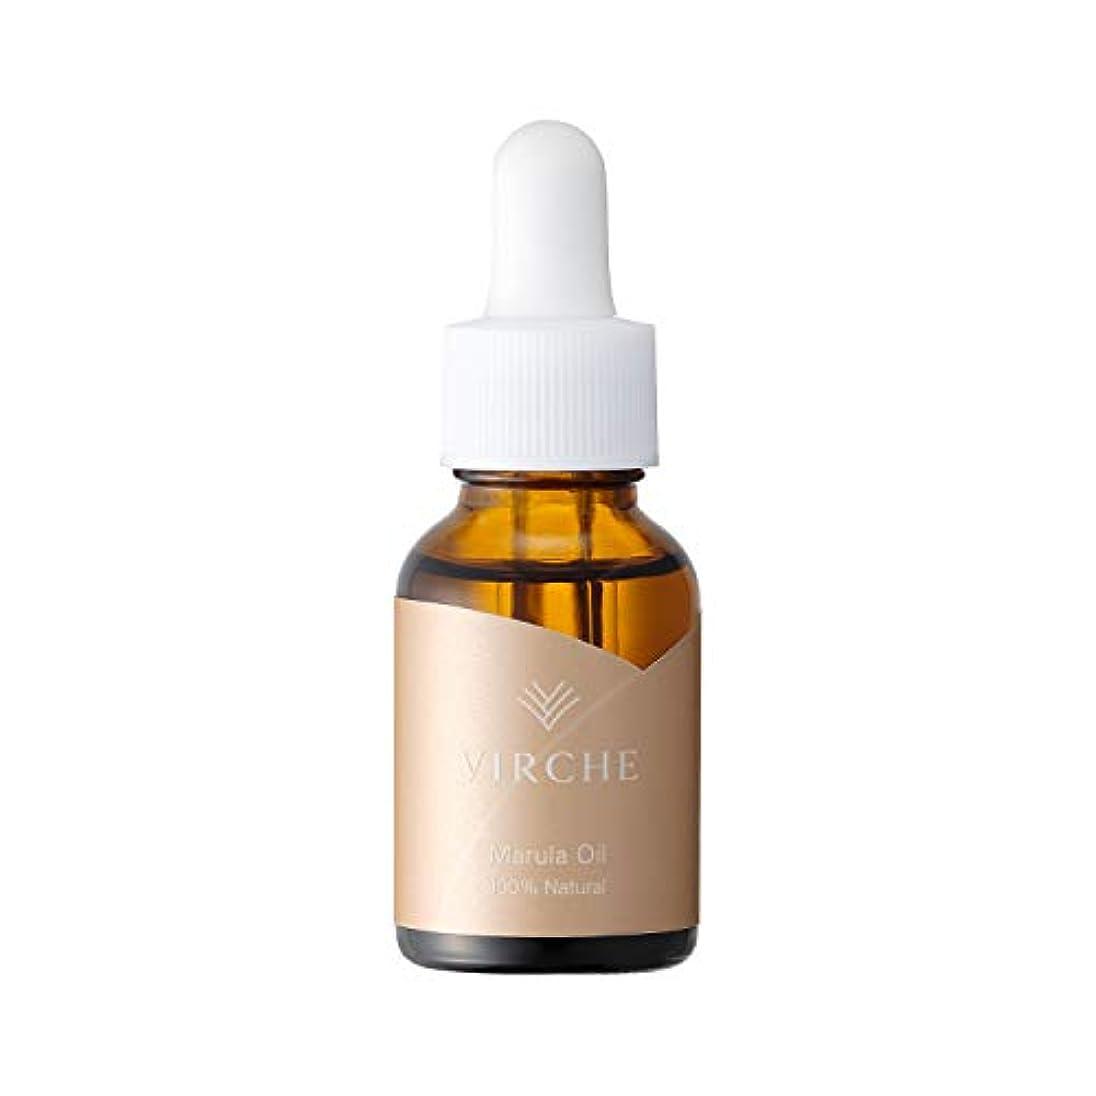 応用インポートゲストマルラオイル(Marula Oil)国内で品質管理/無香料/防腐剤、香料、着色料すべて無添加の美容オイル/18ml(髪など全身に使えて約30日分)